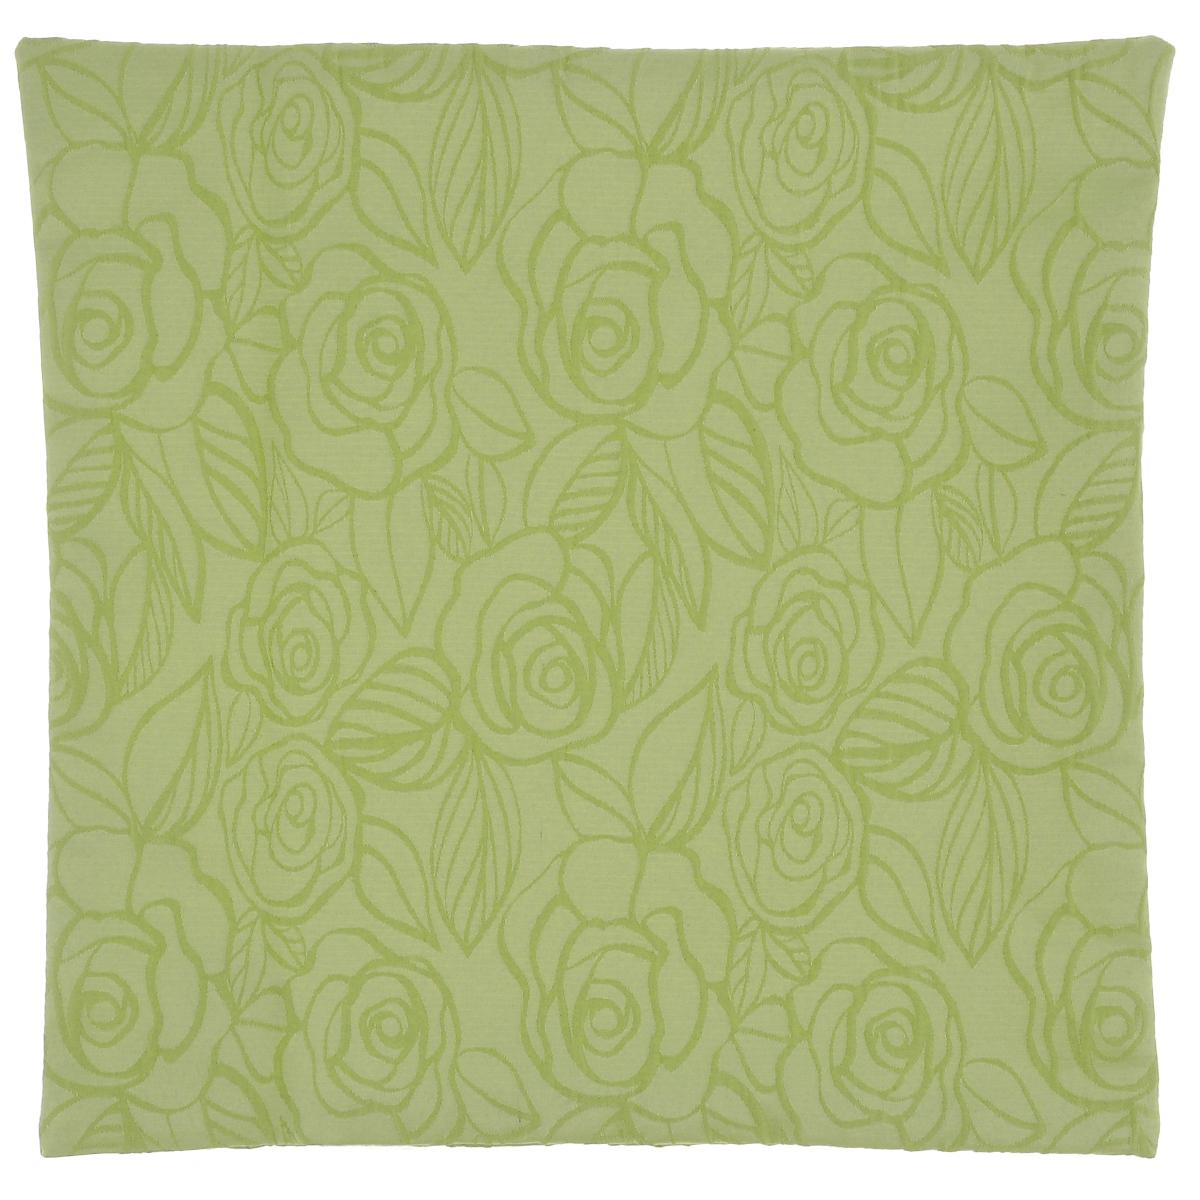 Наволочка декоративная Schaefer, цвет: светло-зеленый, 40 х 40 см07548-501Наволочка Schaefer выполнена из полиэстера и украшена цветочным узором. Наволочка застегивается на потайную застежку-молнию. Изделия из полиэстера легко стирать: они не мнутся, не садятся и быстро сохнут, они более долговечны, чем изделия из натуральных волокон. Это текстильное изделие станет удобным и комфортным украшением вашего дома!